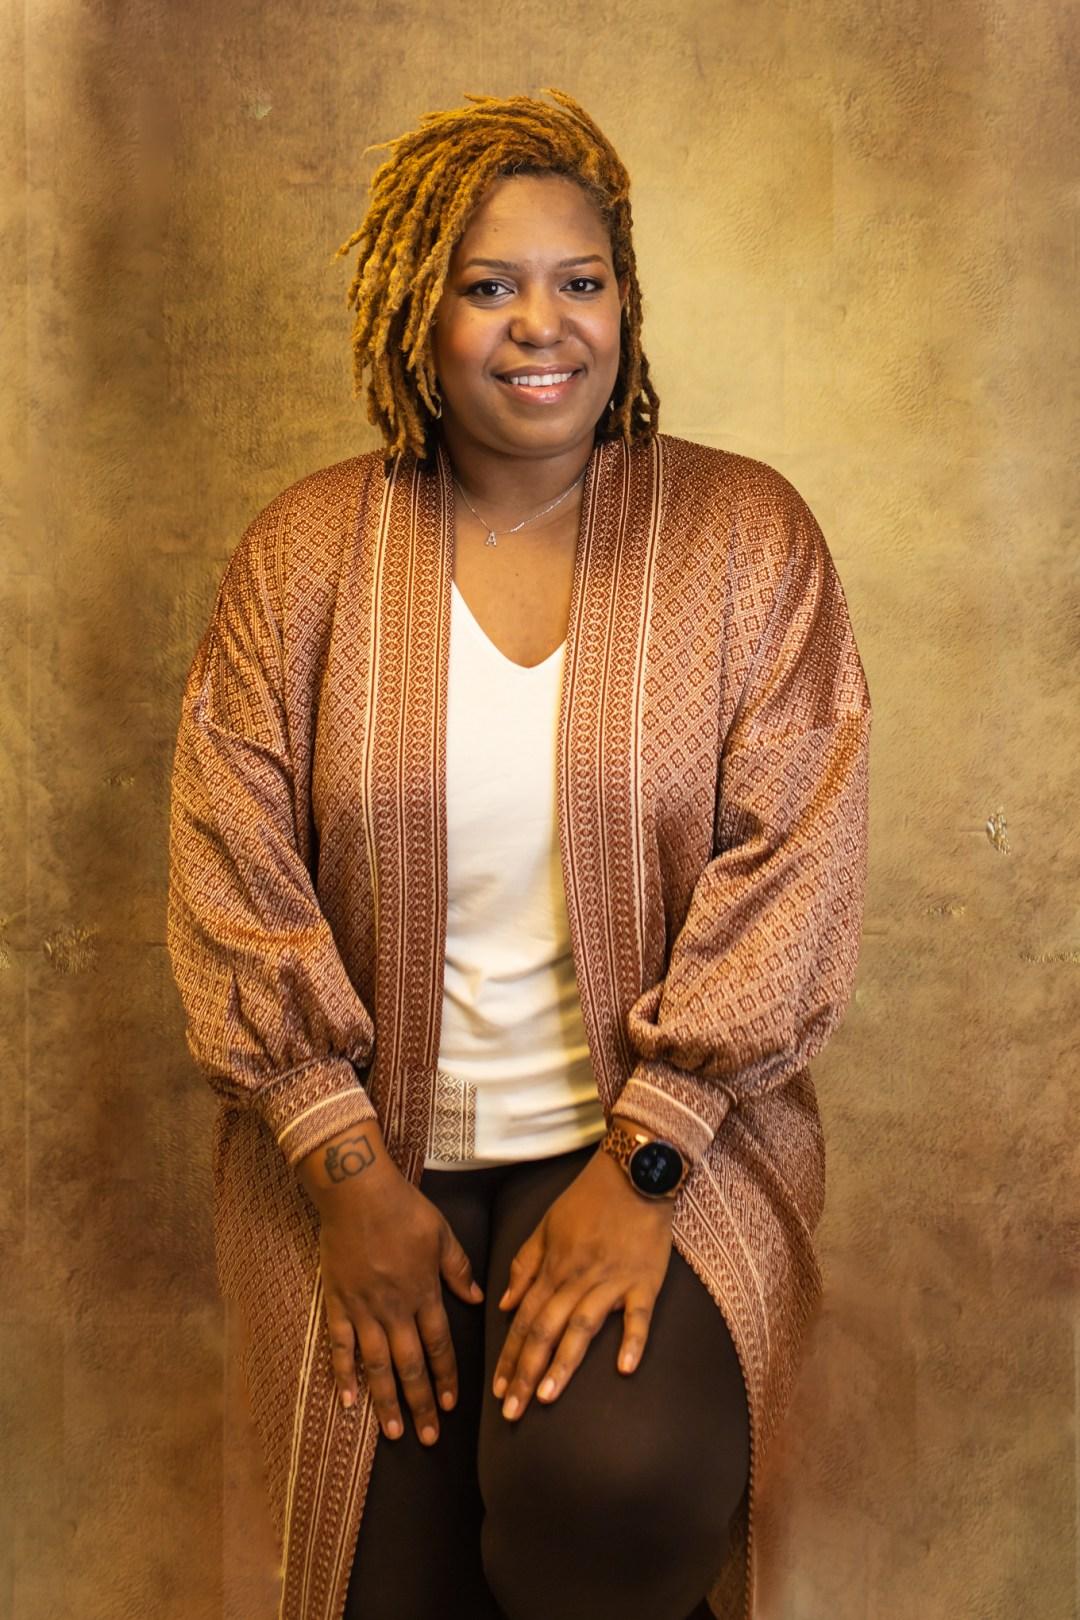 Ambershaun Byrd Toledo Photographer Branding Photo